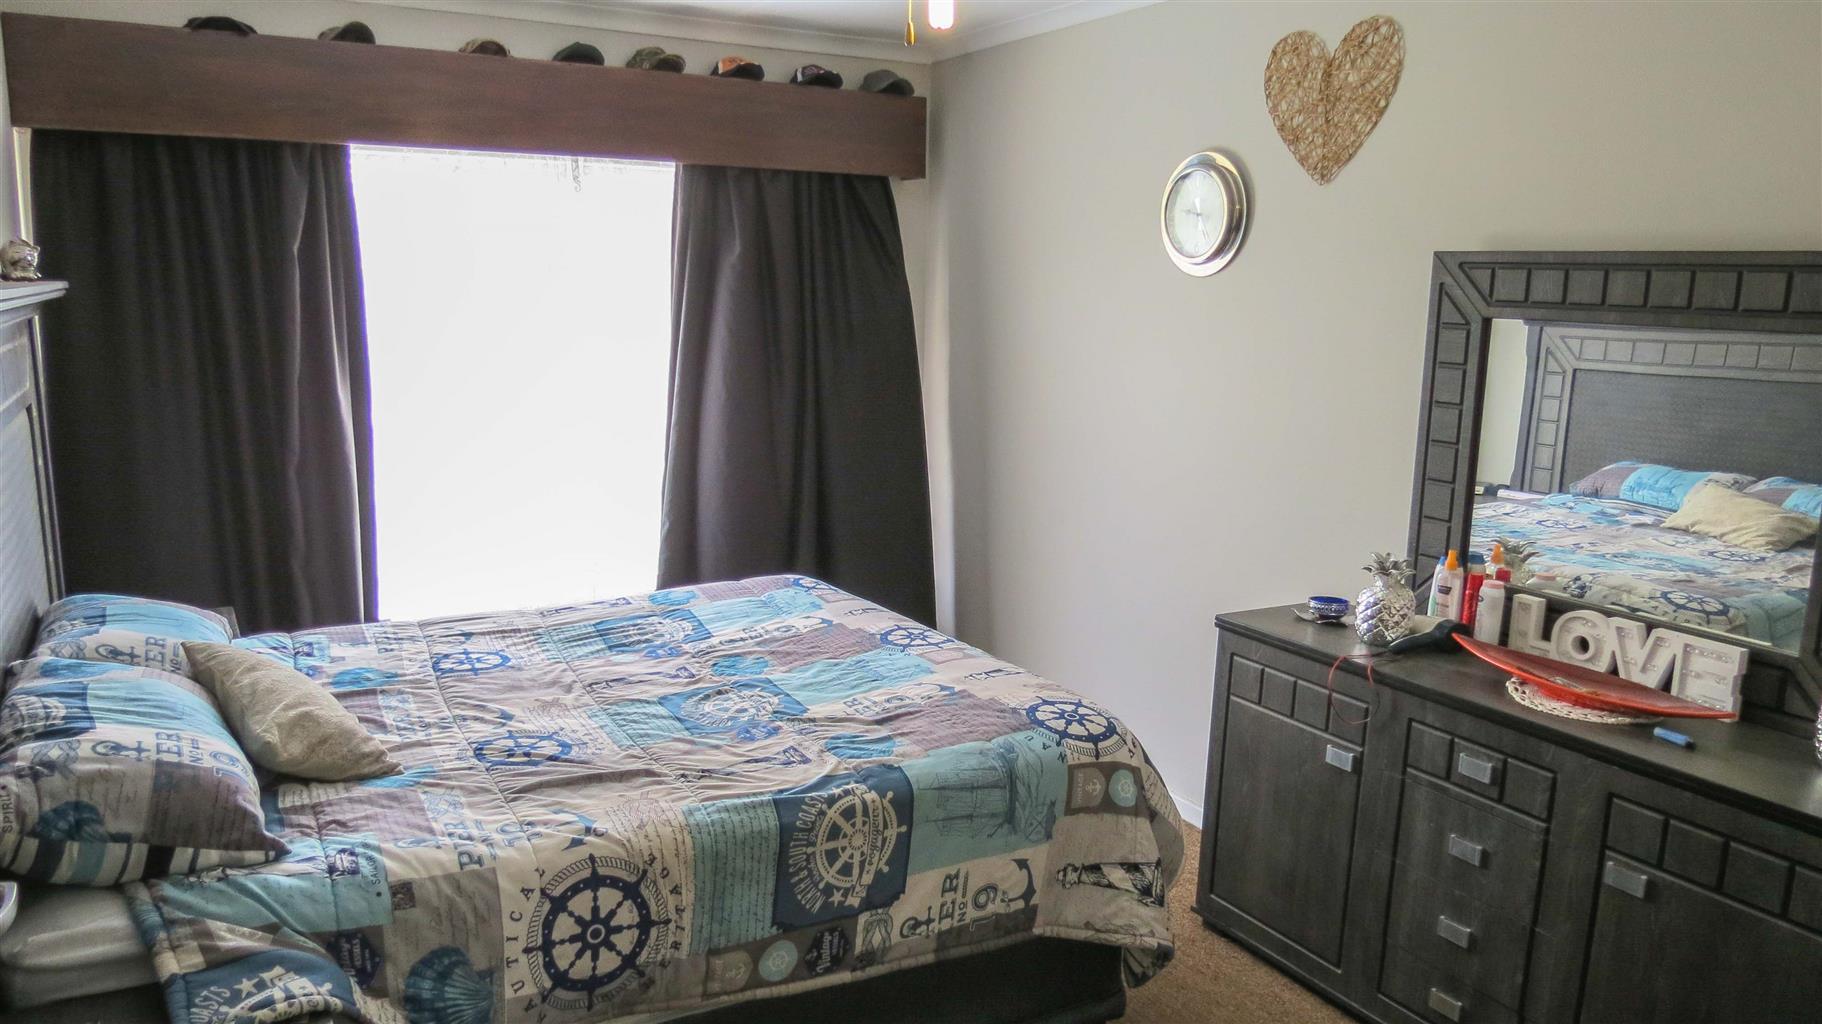 NEAT 3 BEDROOM DUPLEX FOR SALE, RIETFONTEIN